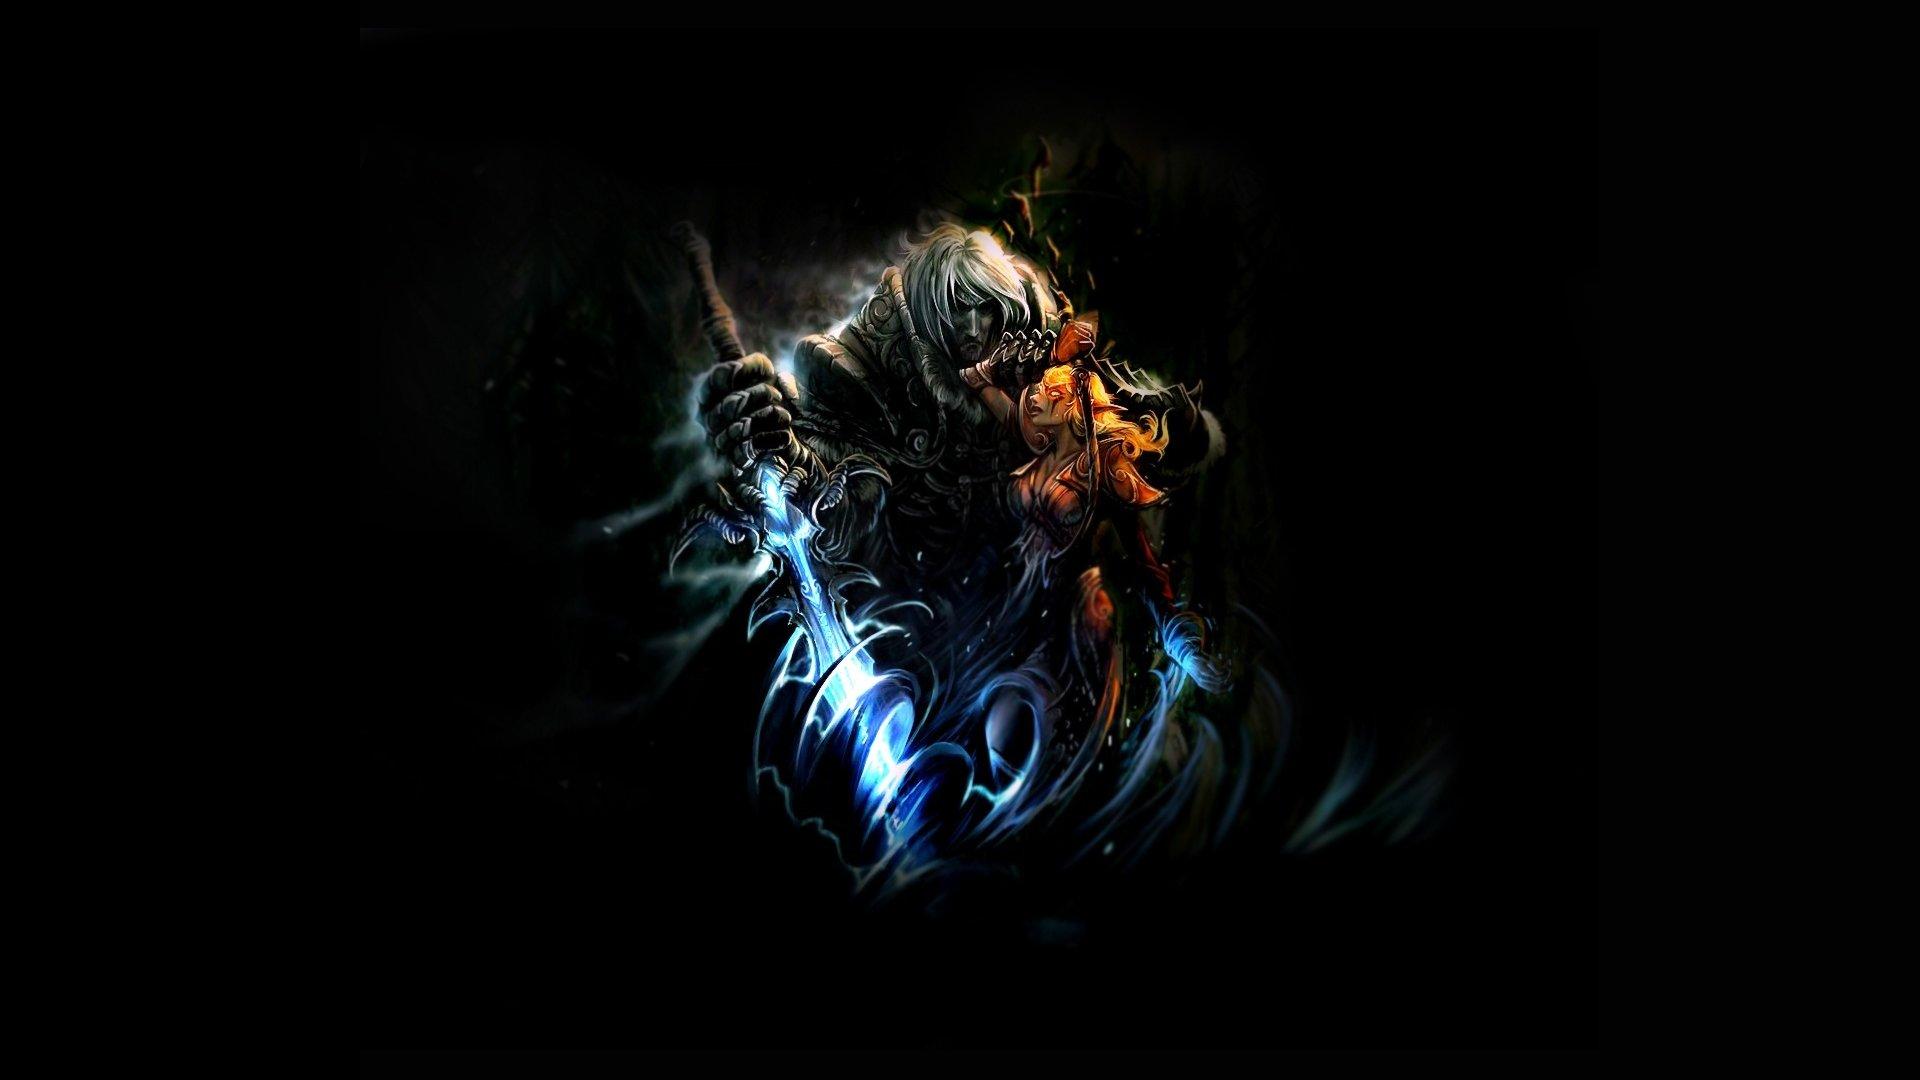 Компьютерная игра - World Of Warcraft  - Night Elf - Sword - Магия - Horde - King Arthas - Dekaron - Глаз - War - Компьютерная игра Обои